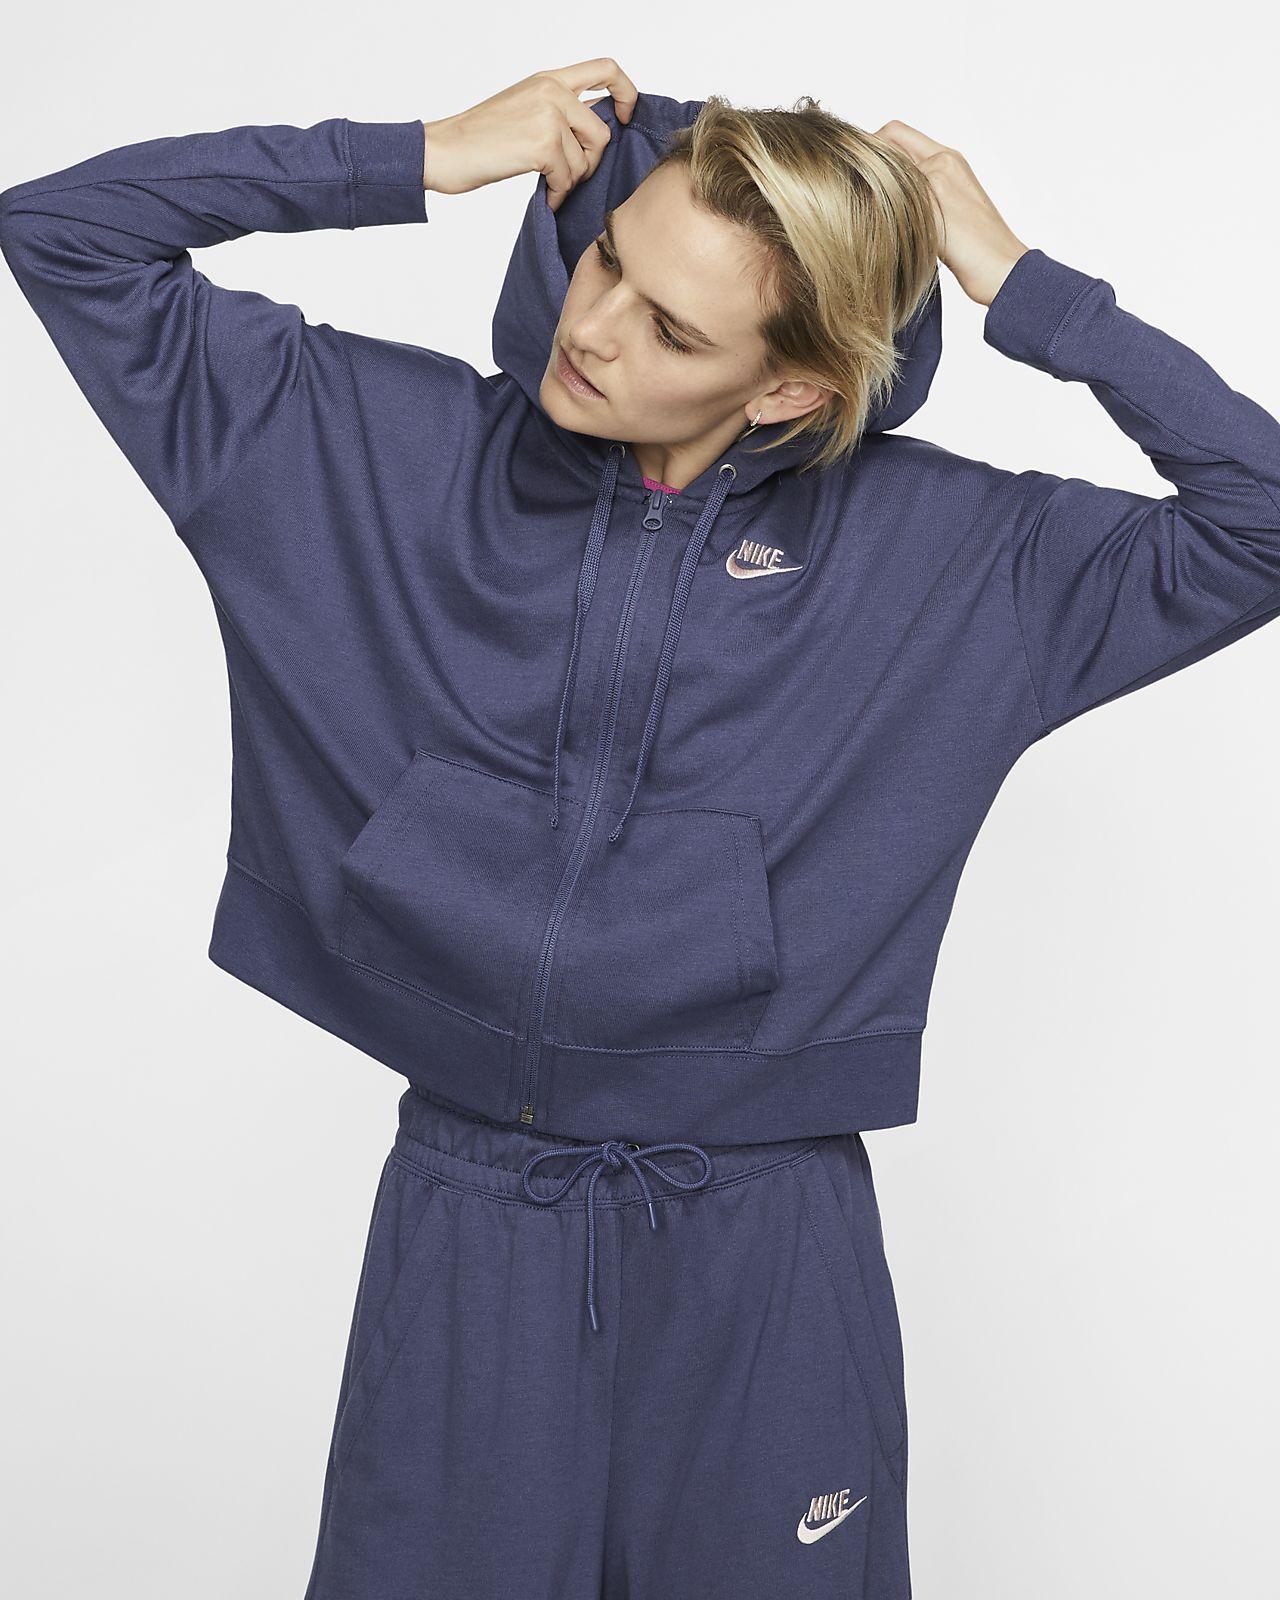 Nike Sportswear hettejakke til dame